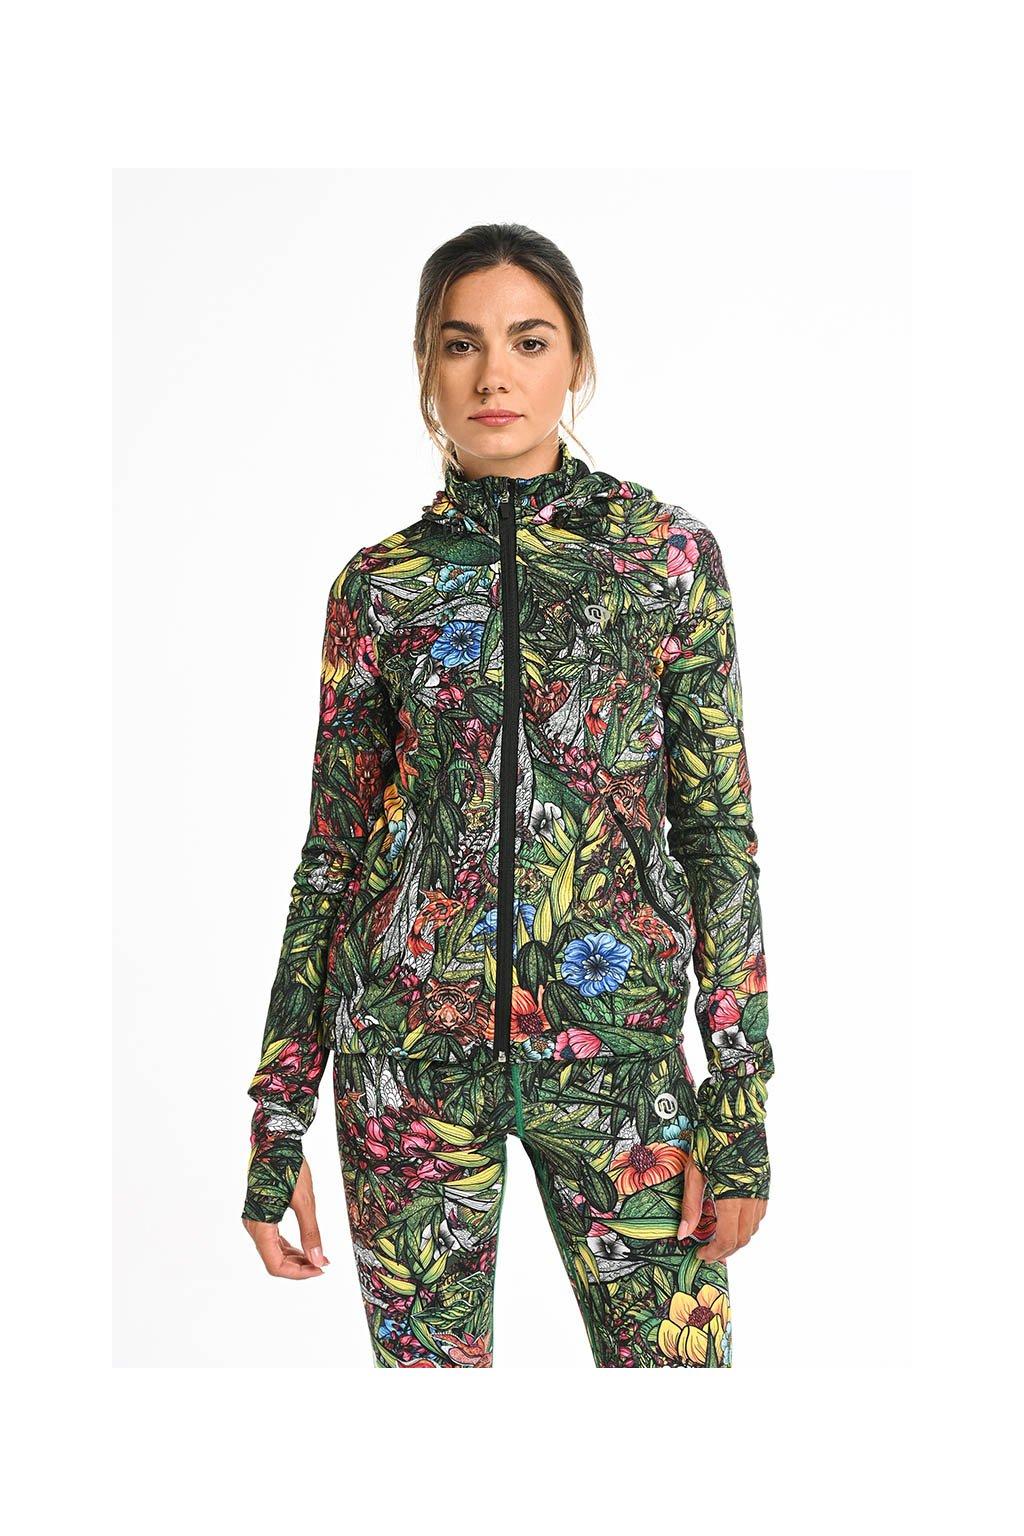 Celorozepínací dámská bunda s kapucí HRDK-14M4 Mosaic Yasei